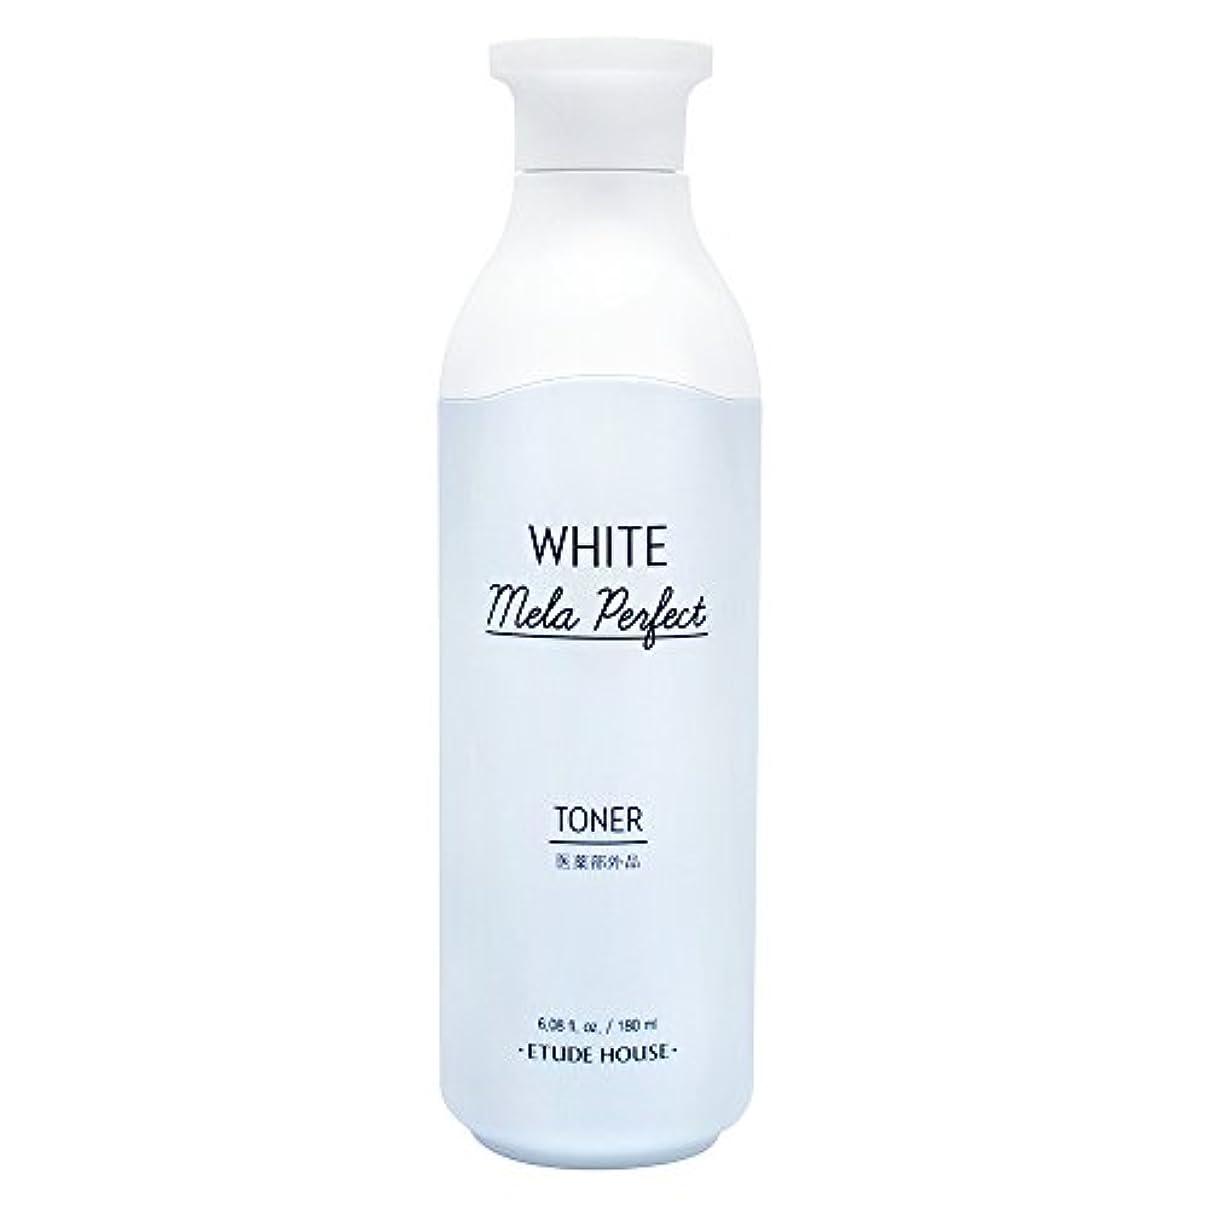 ソーススタウト注目すべきエチュードハウス(ETUDE HOUSE) ホワイトメラパーフェクト トナー[美白化粧水、化粧水]